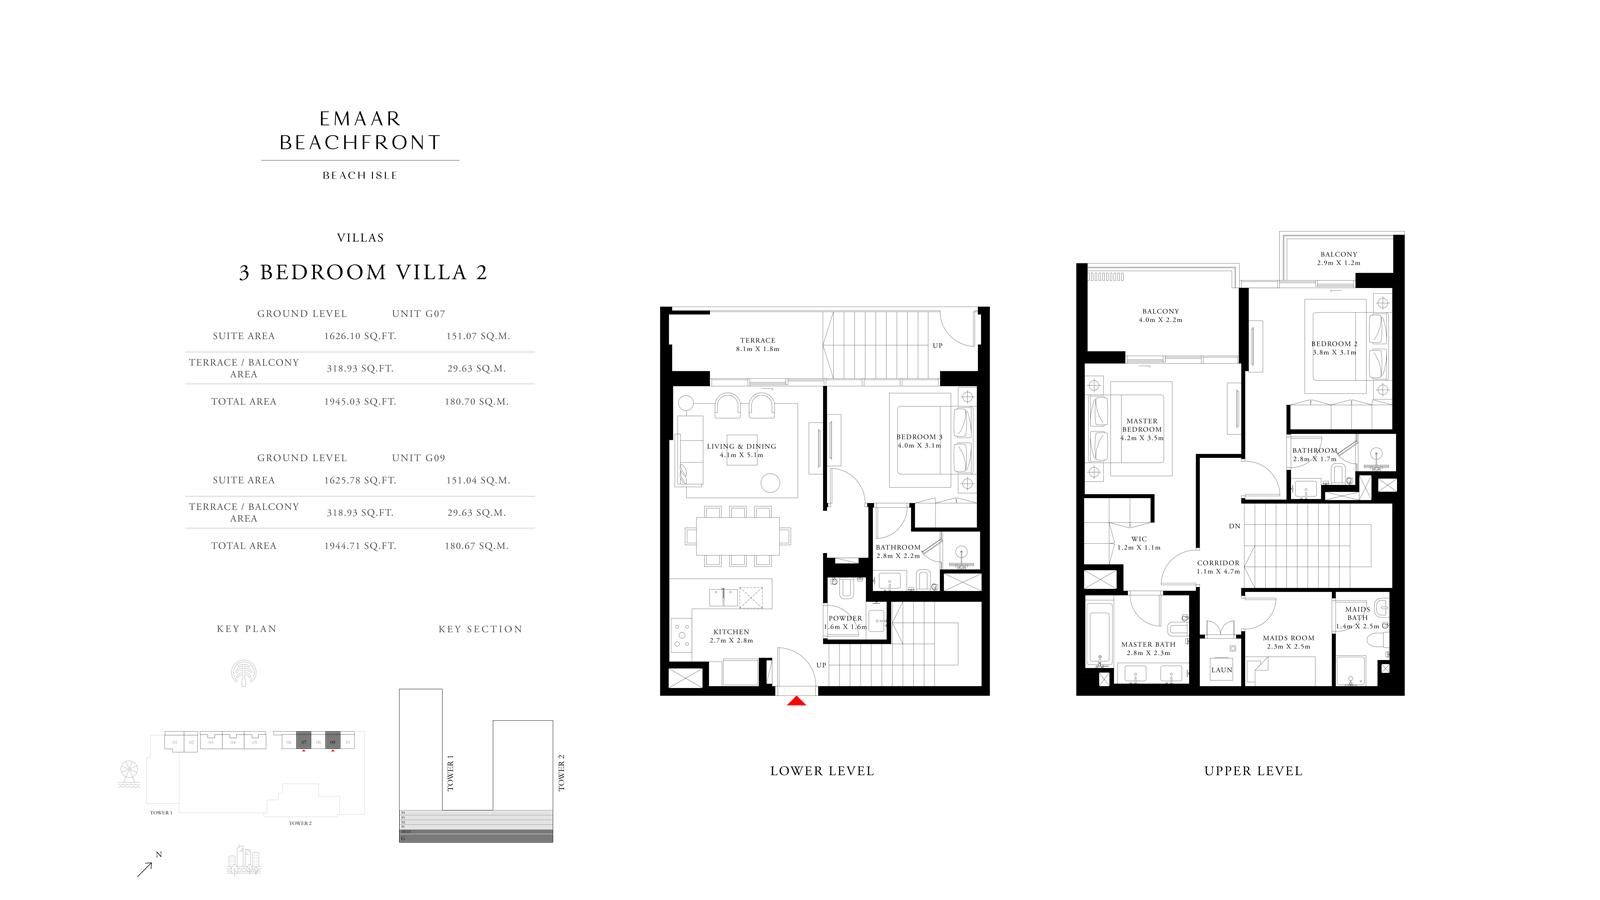 3 Bedroom Villas 2, Size 1944    sq. ft.